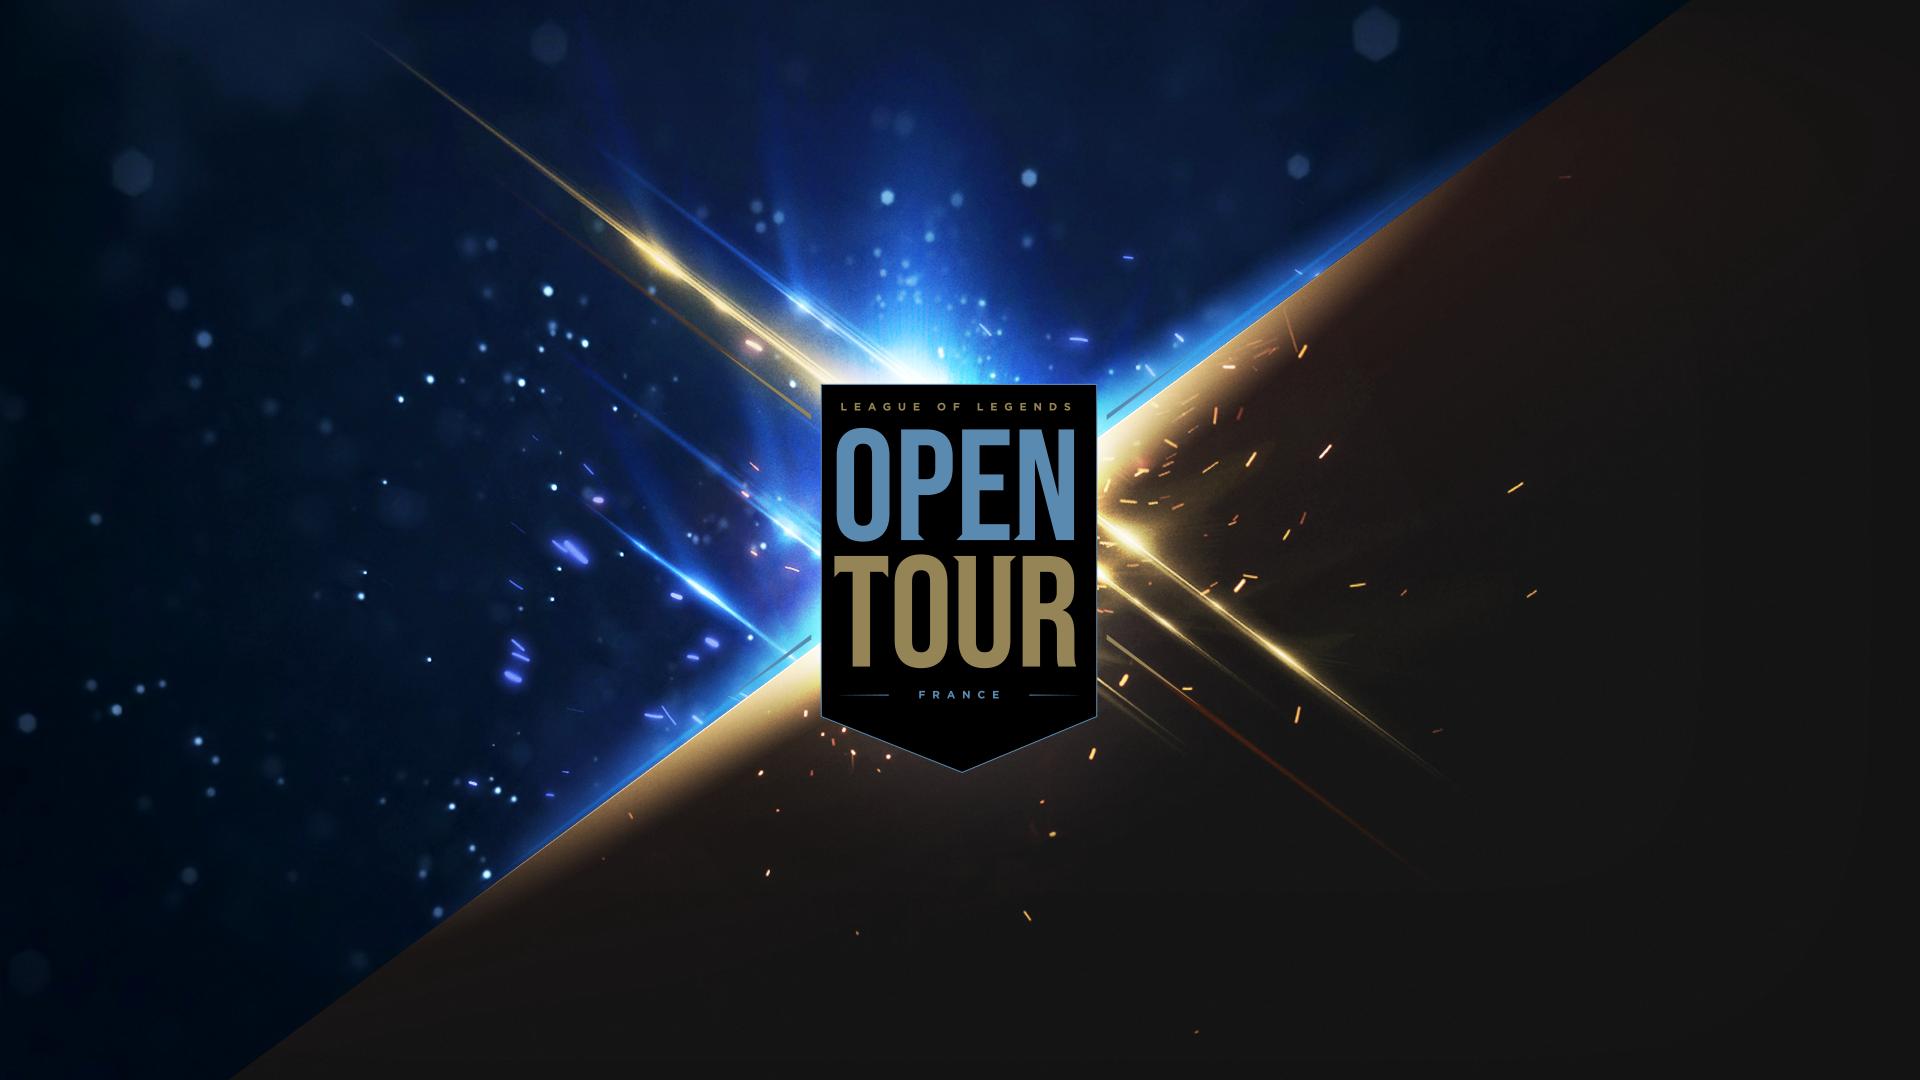 Visuel open tour